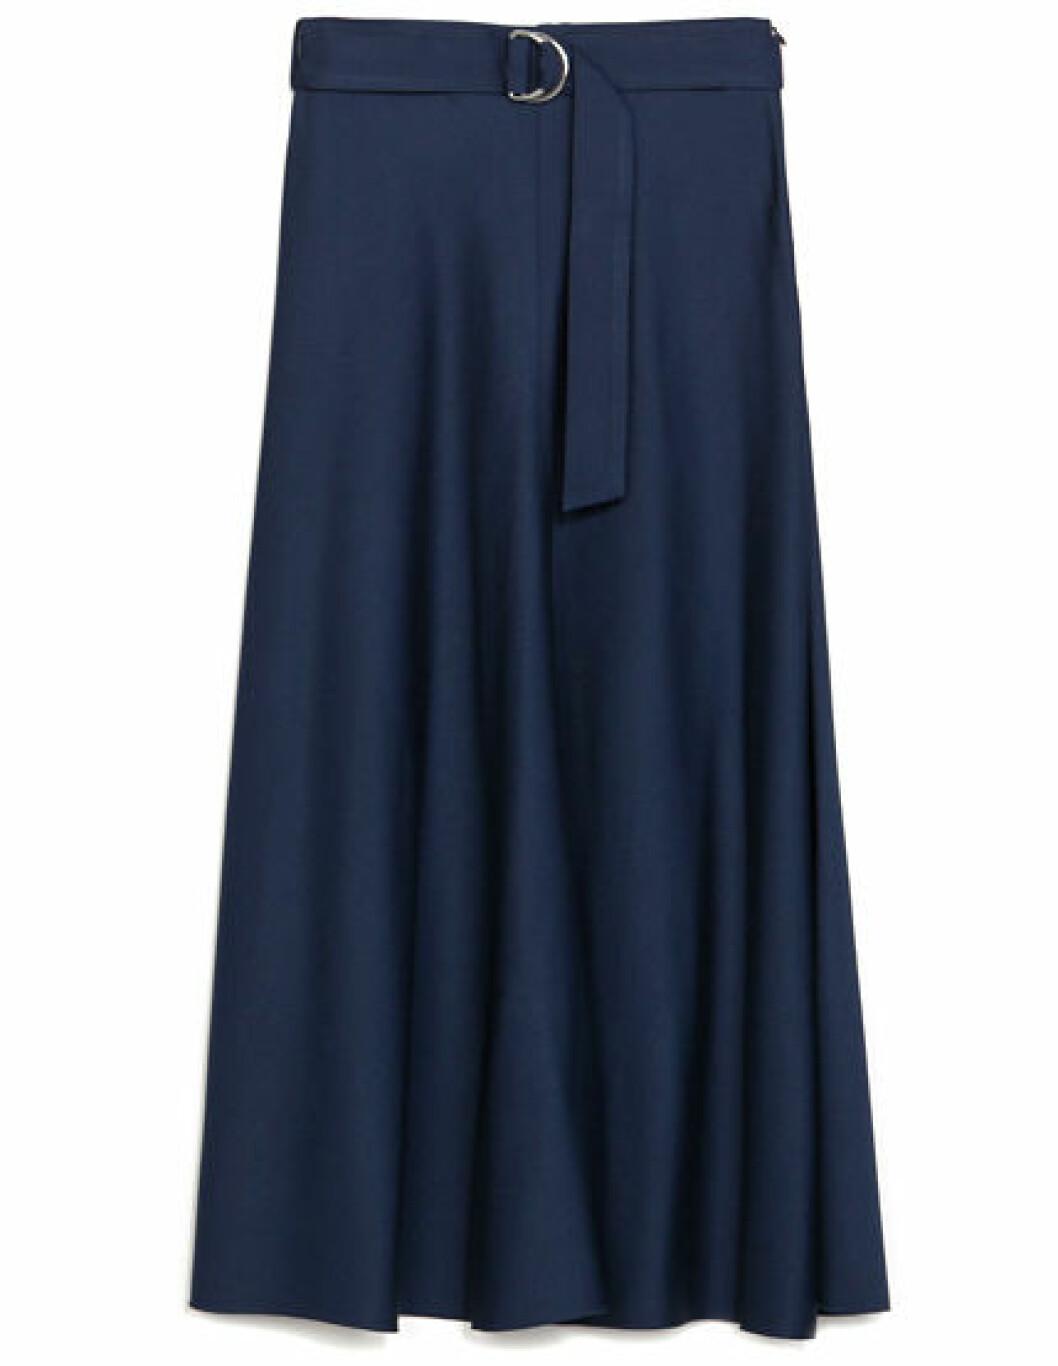 Kjol, 699 kr, Zara